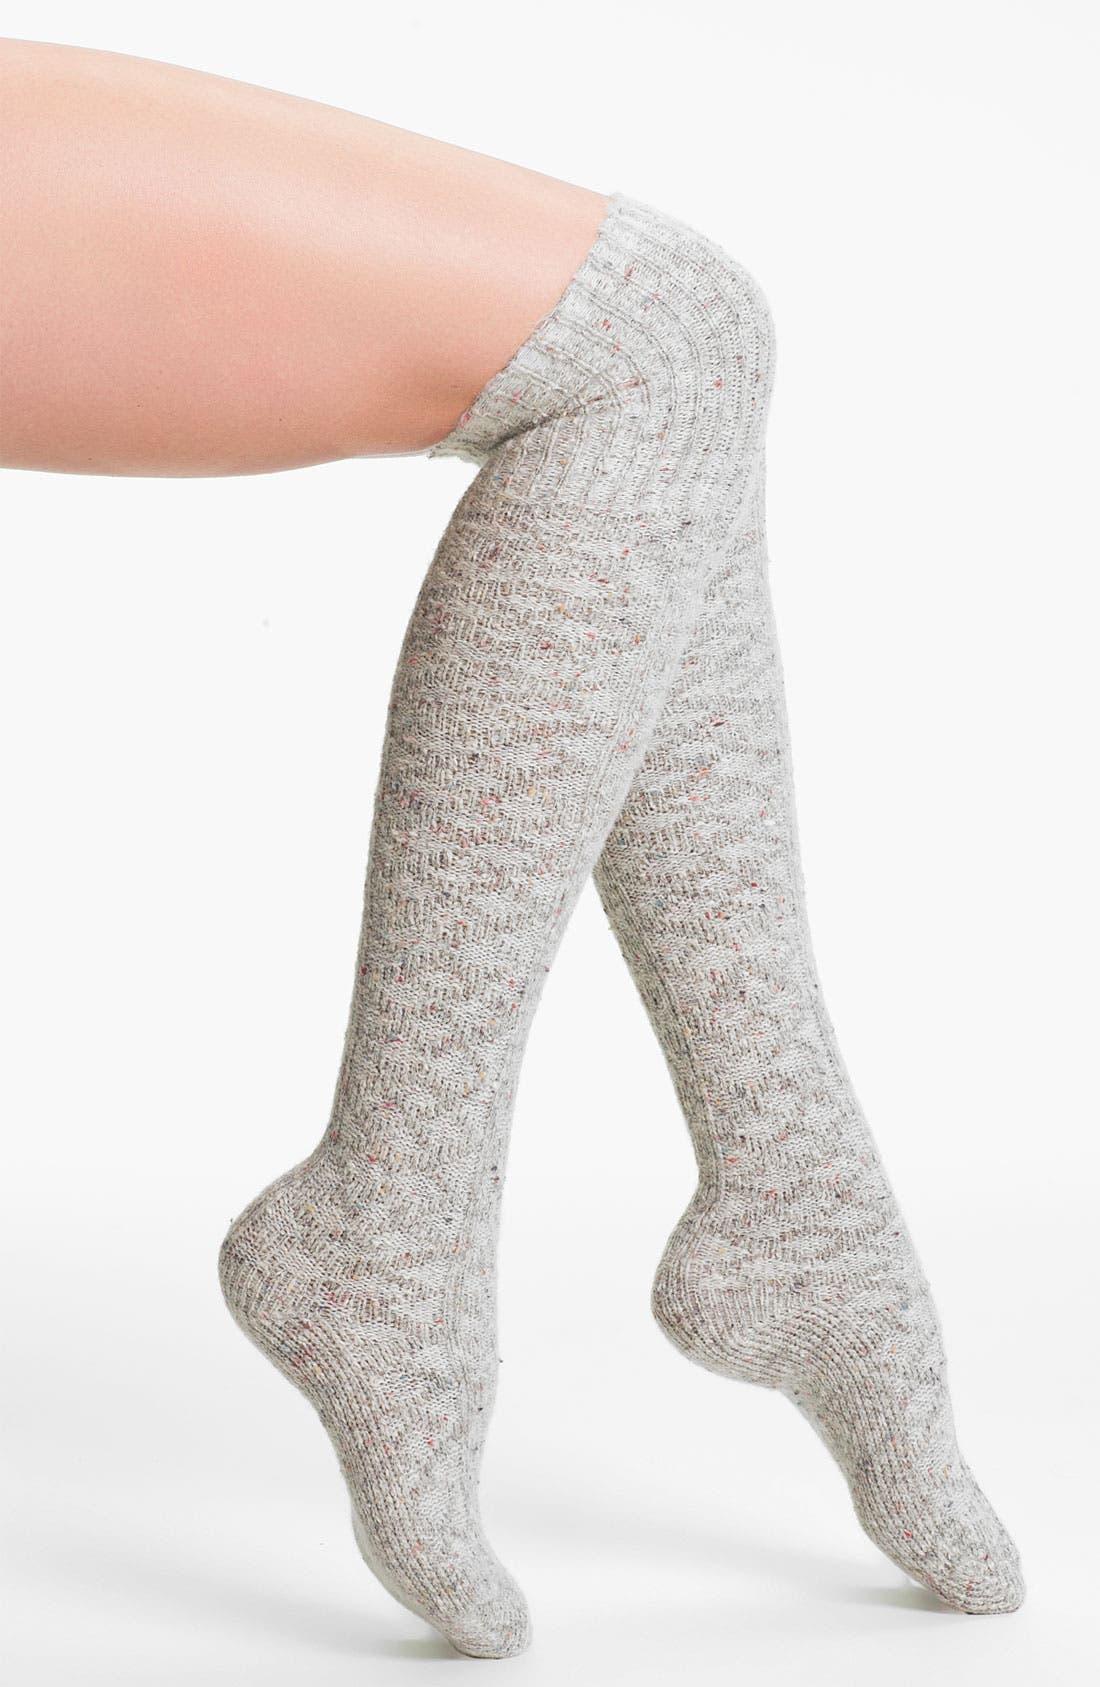 Main Image - Free People 'Vintage' Over the Knee Socks